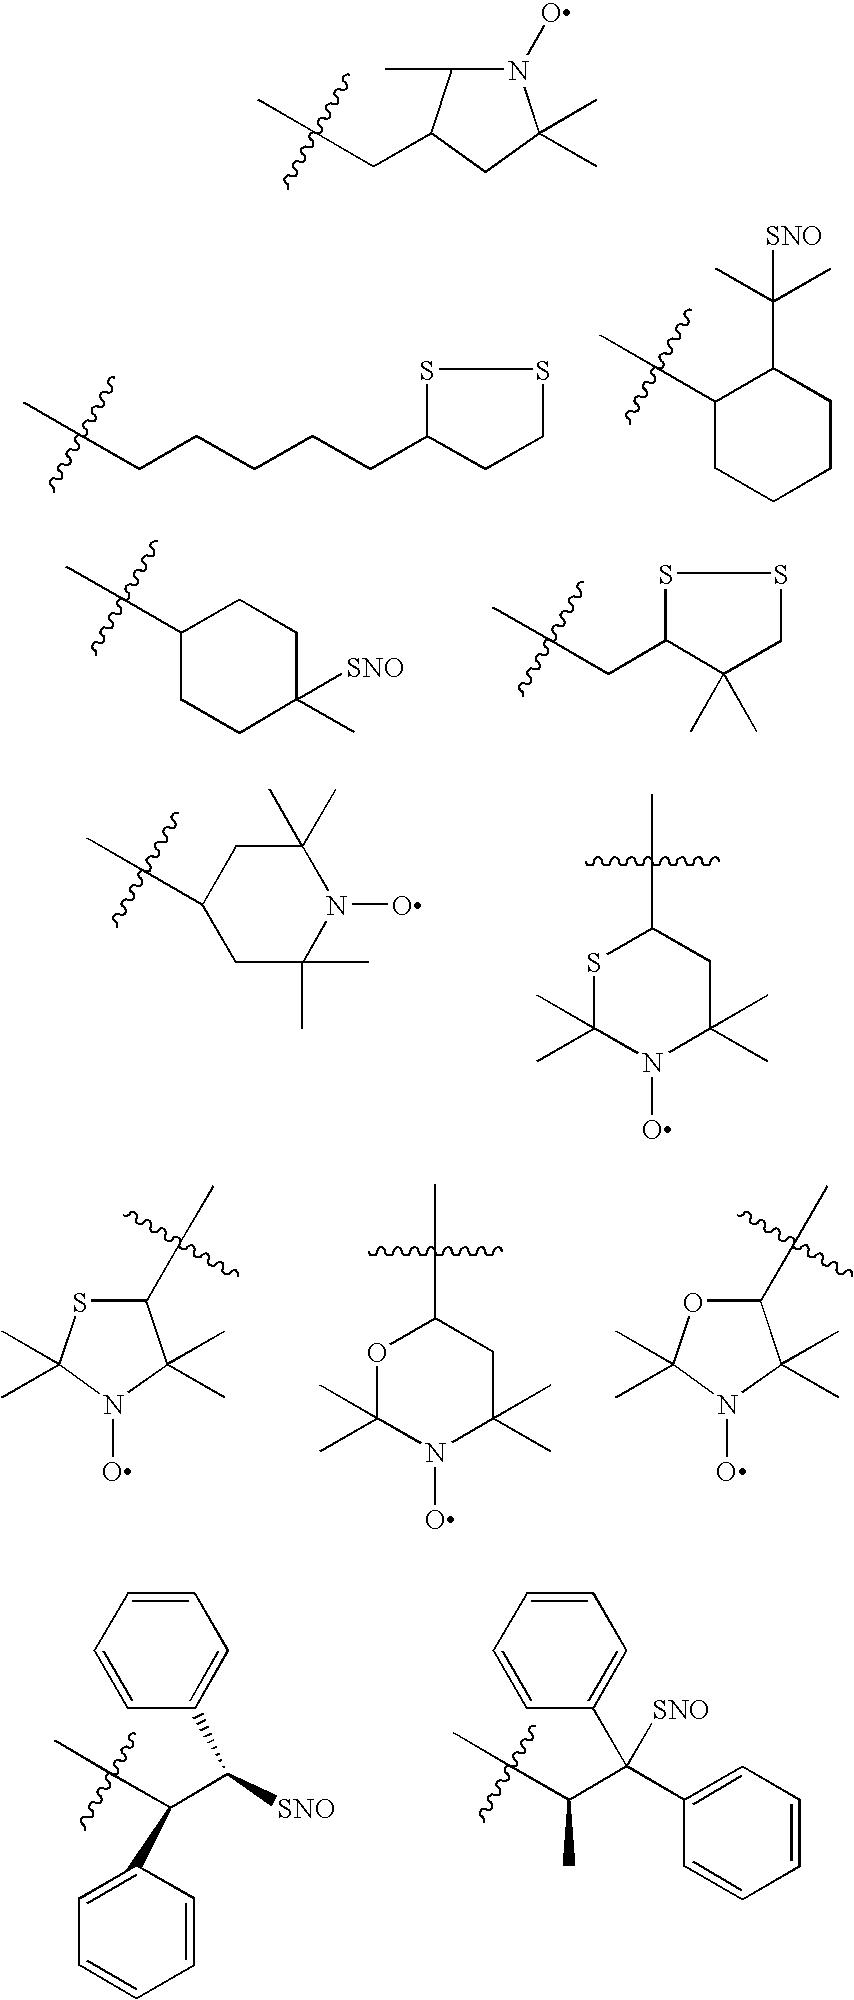 Figure US20050228184A1-20051013-C00013